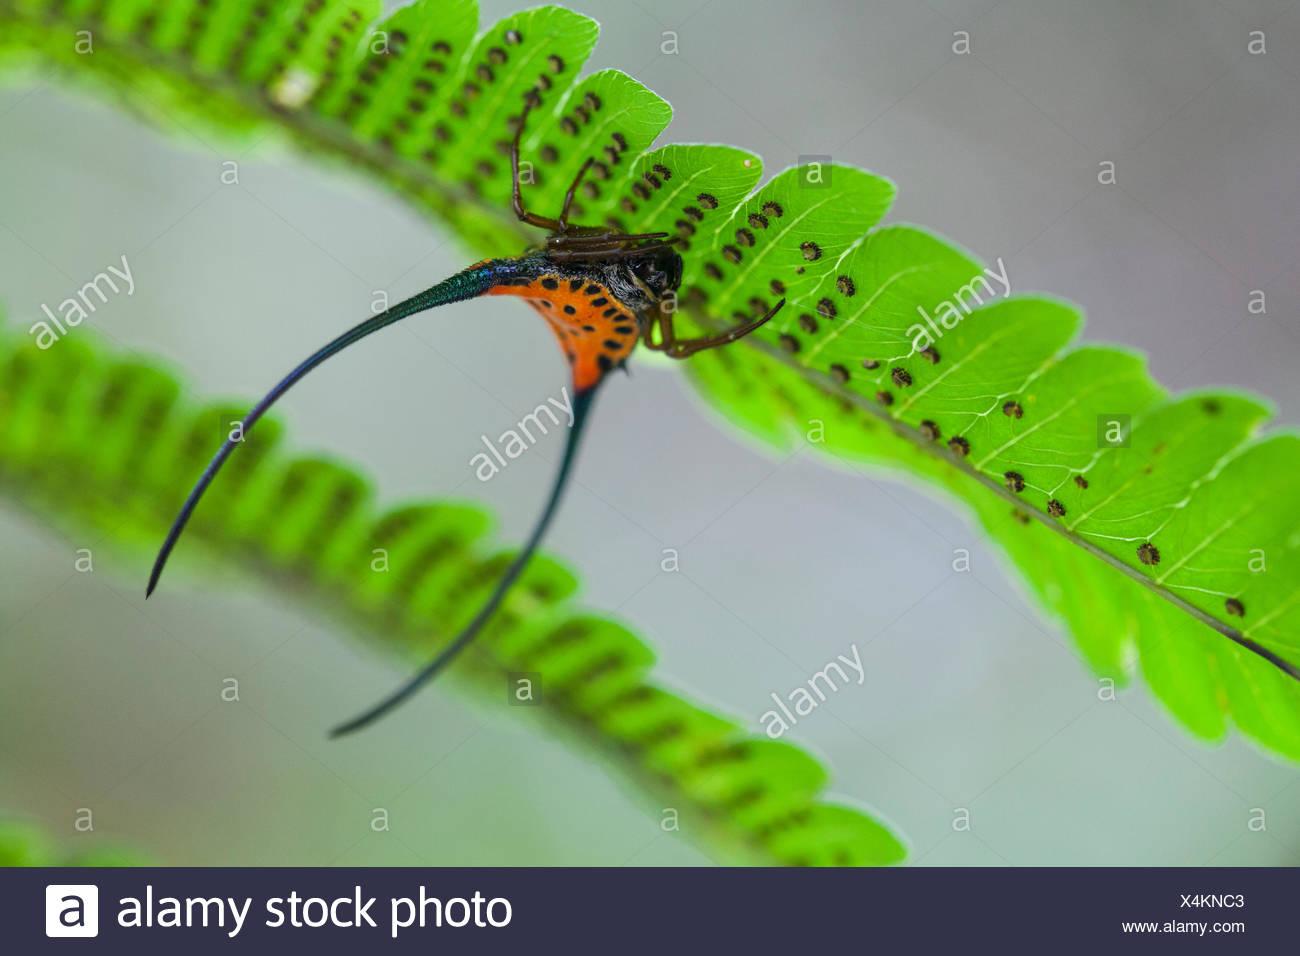 Un crabe épineux, Gasteracantha orbweaver arcuata, tête en bas sur une fougère dans la forêt tropicale. Photo Stock